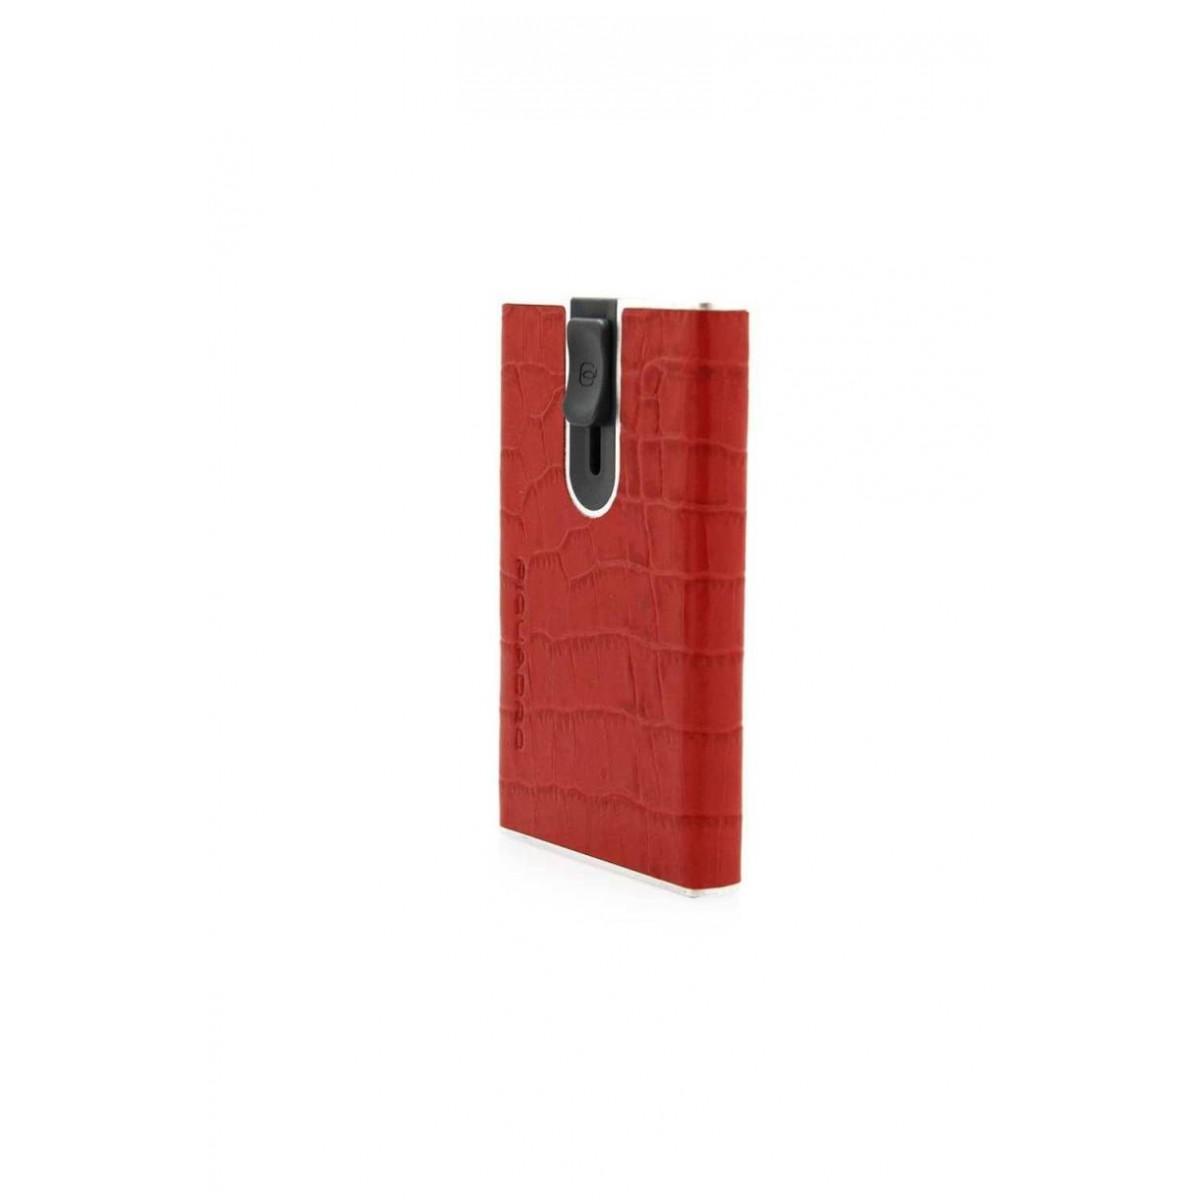 PIQUADRO Compact wallet per carte di credito, pelle coccodrillo